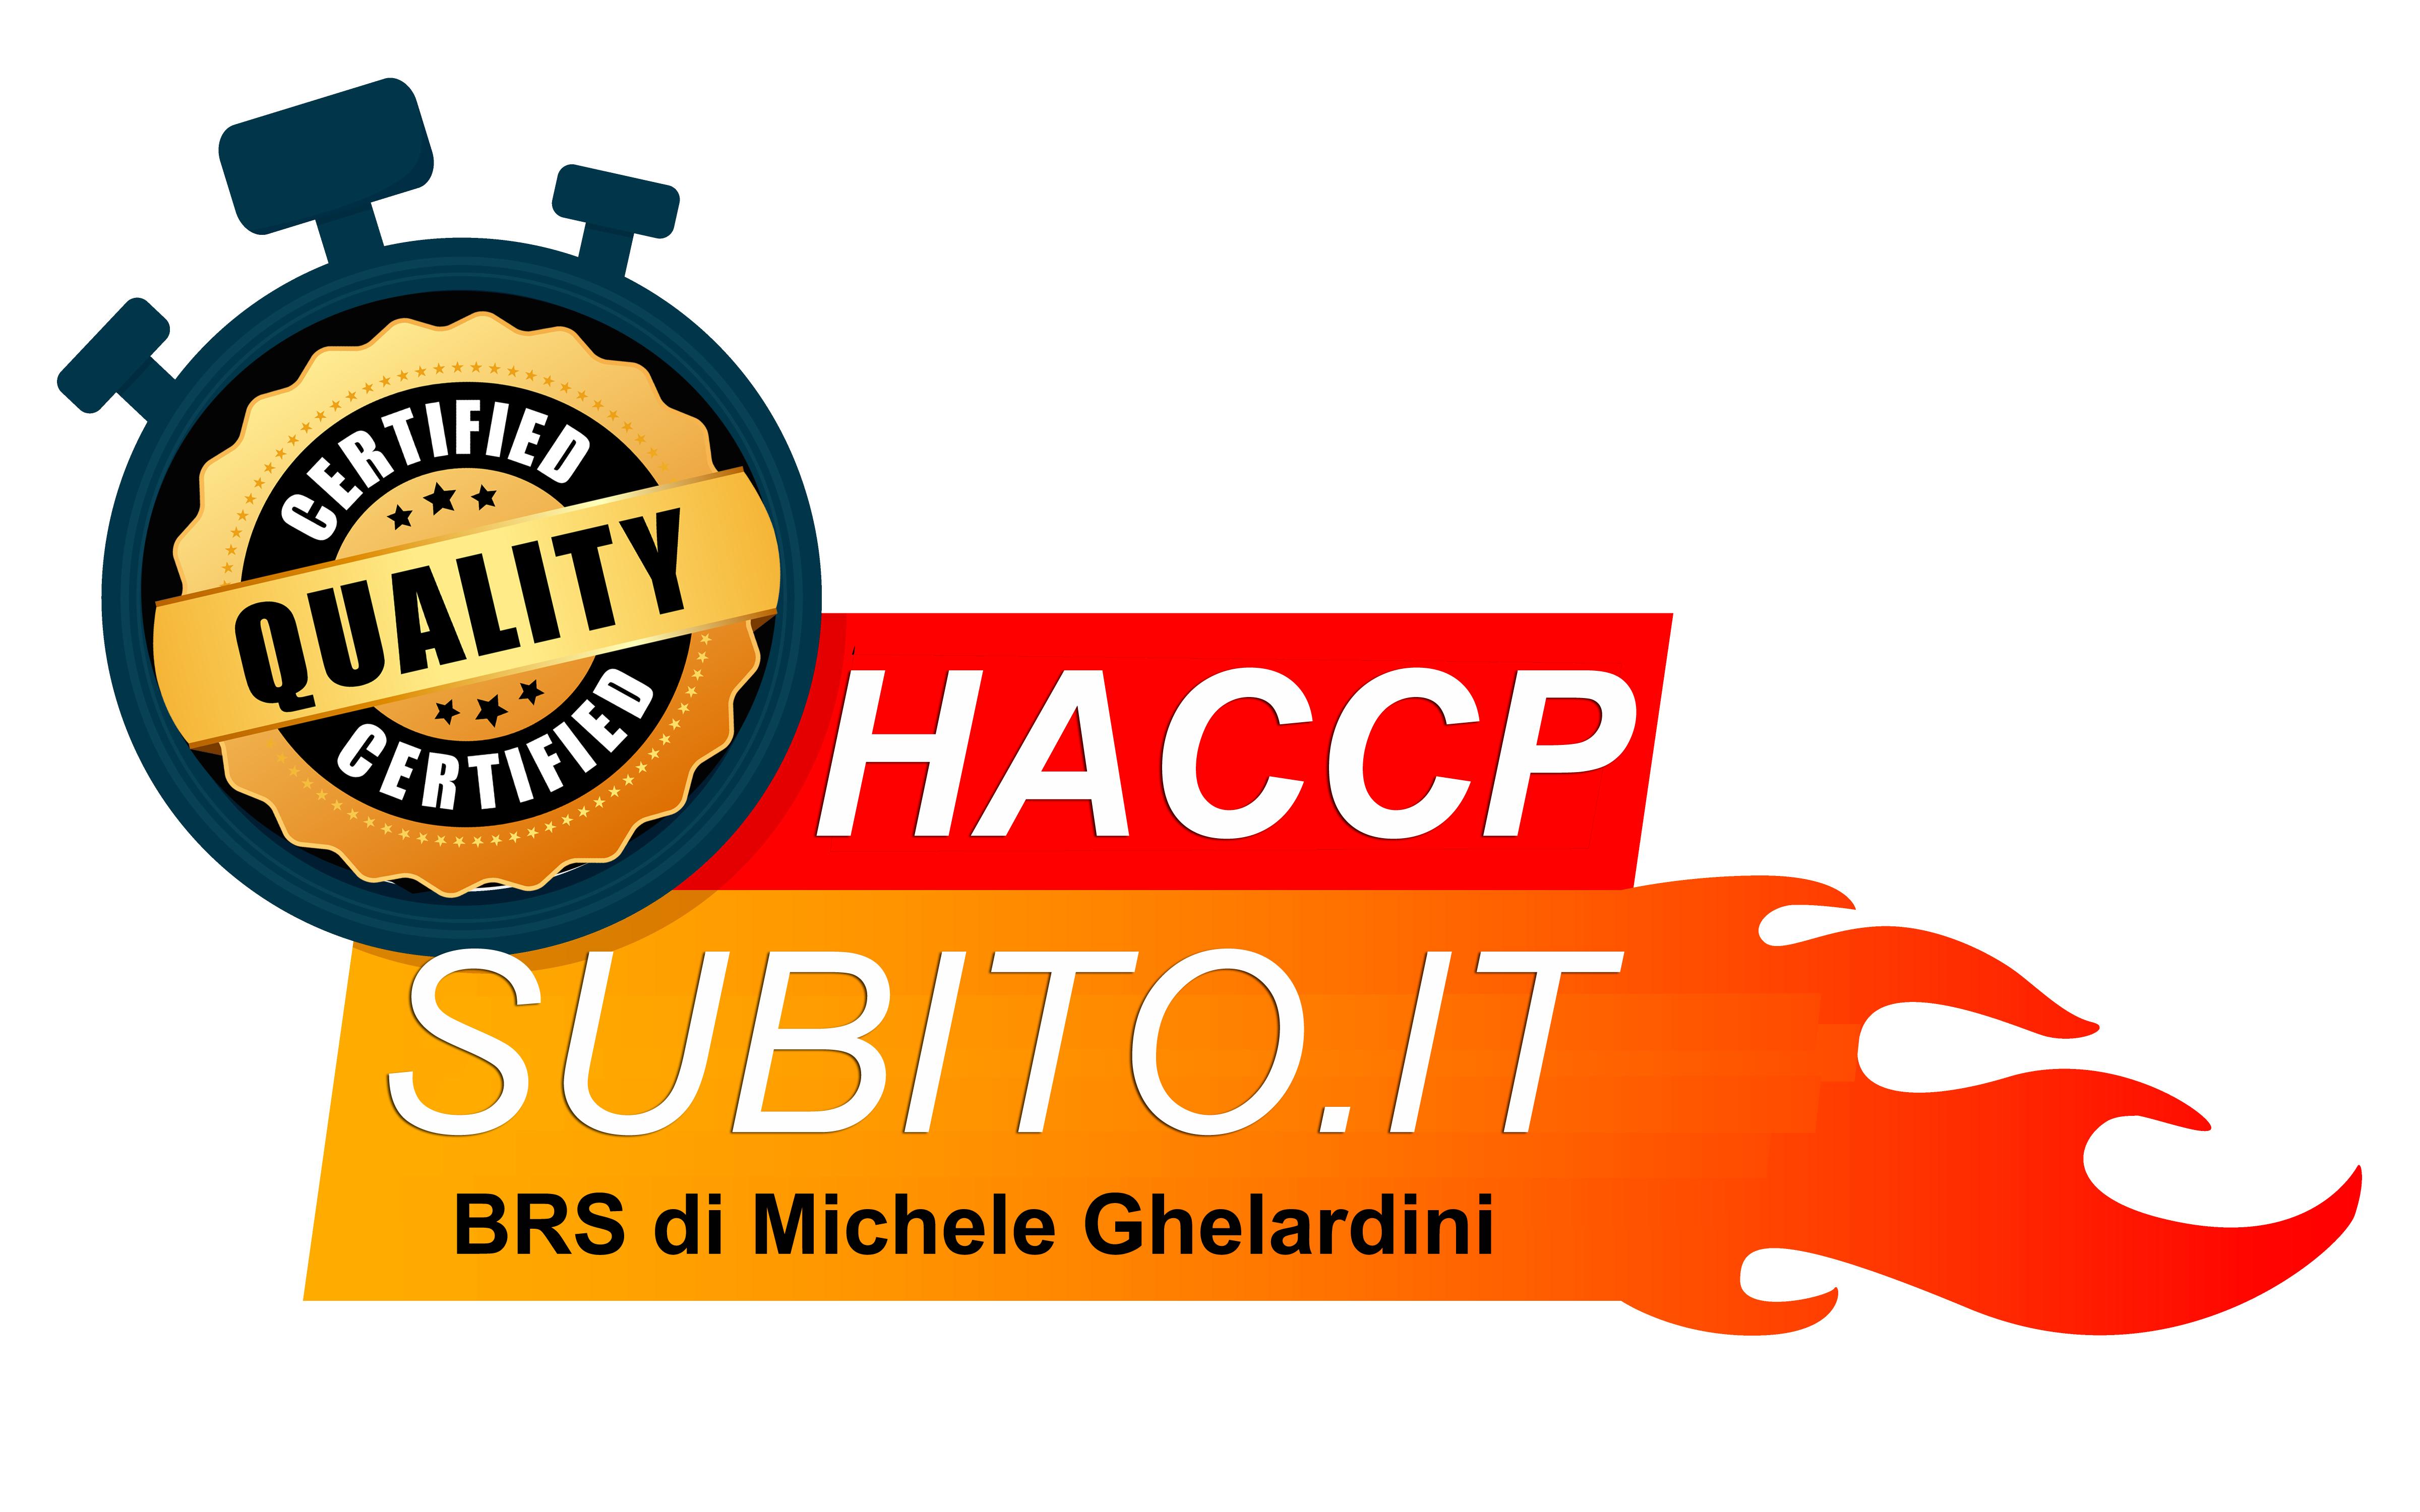 Certificazione haccp subito